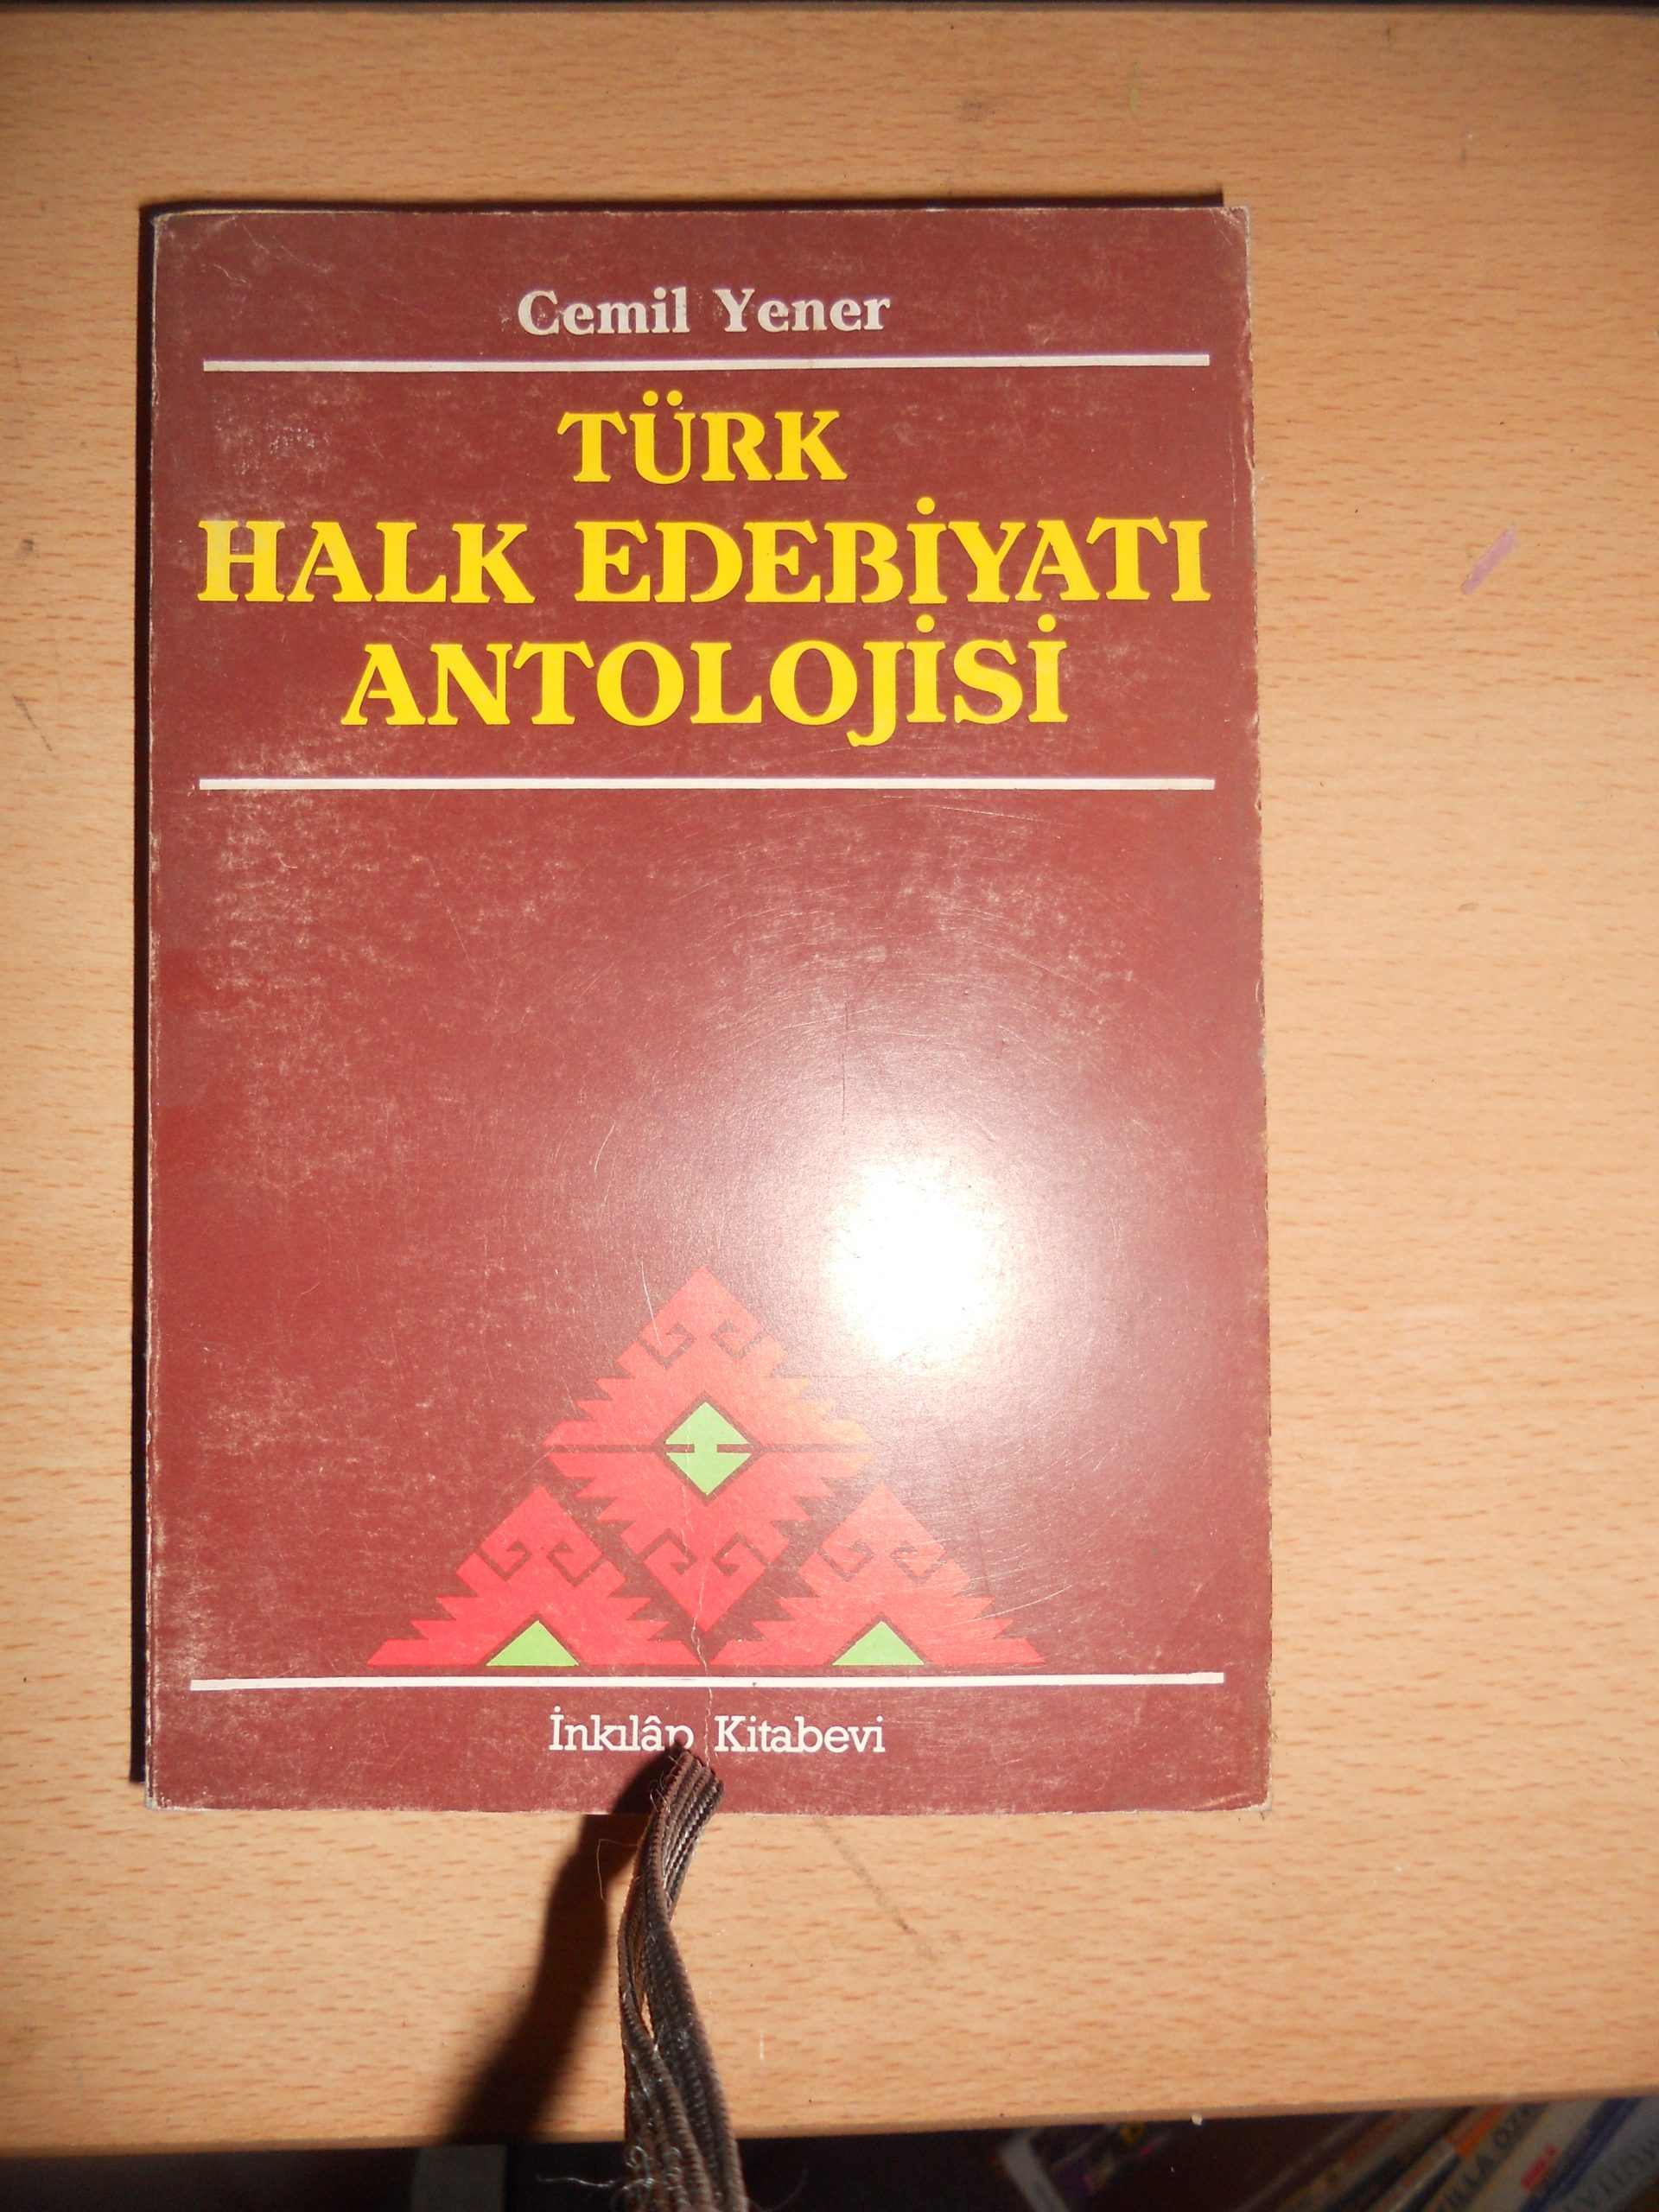 TÜRK HALK EDEBİYATI ANTOLOJİSİ/Cemil YENER/ 15 TL